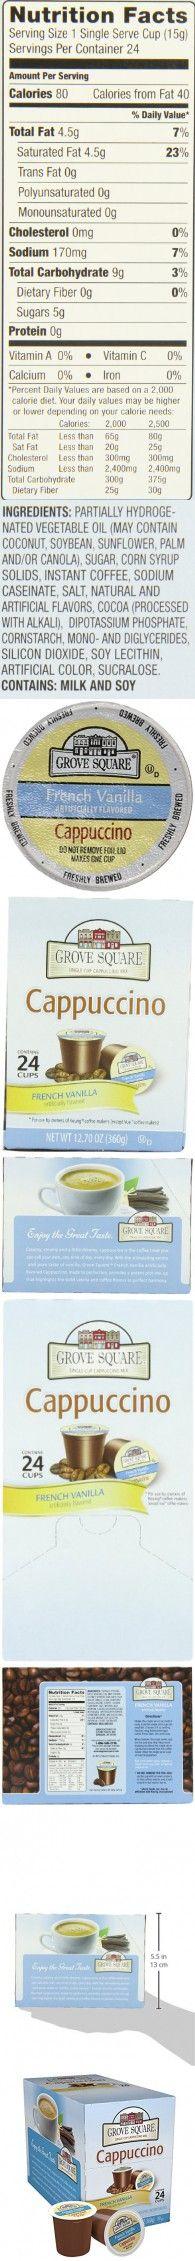 Grove Square Cappuccino, French Vanilla, 24 Count Single Serve Cups Cappuccinos, French Vanilla, Count